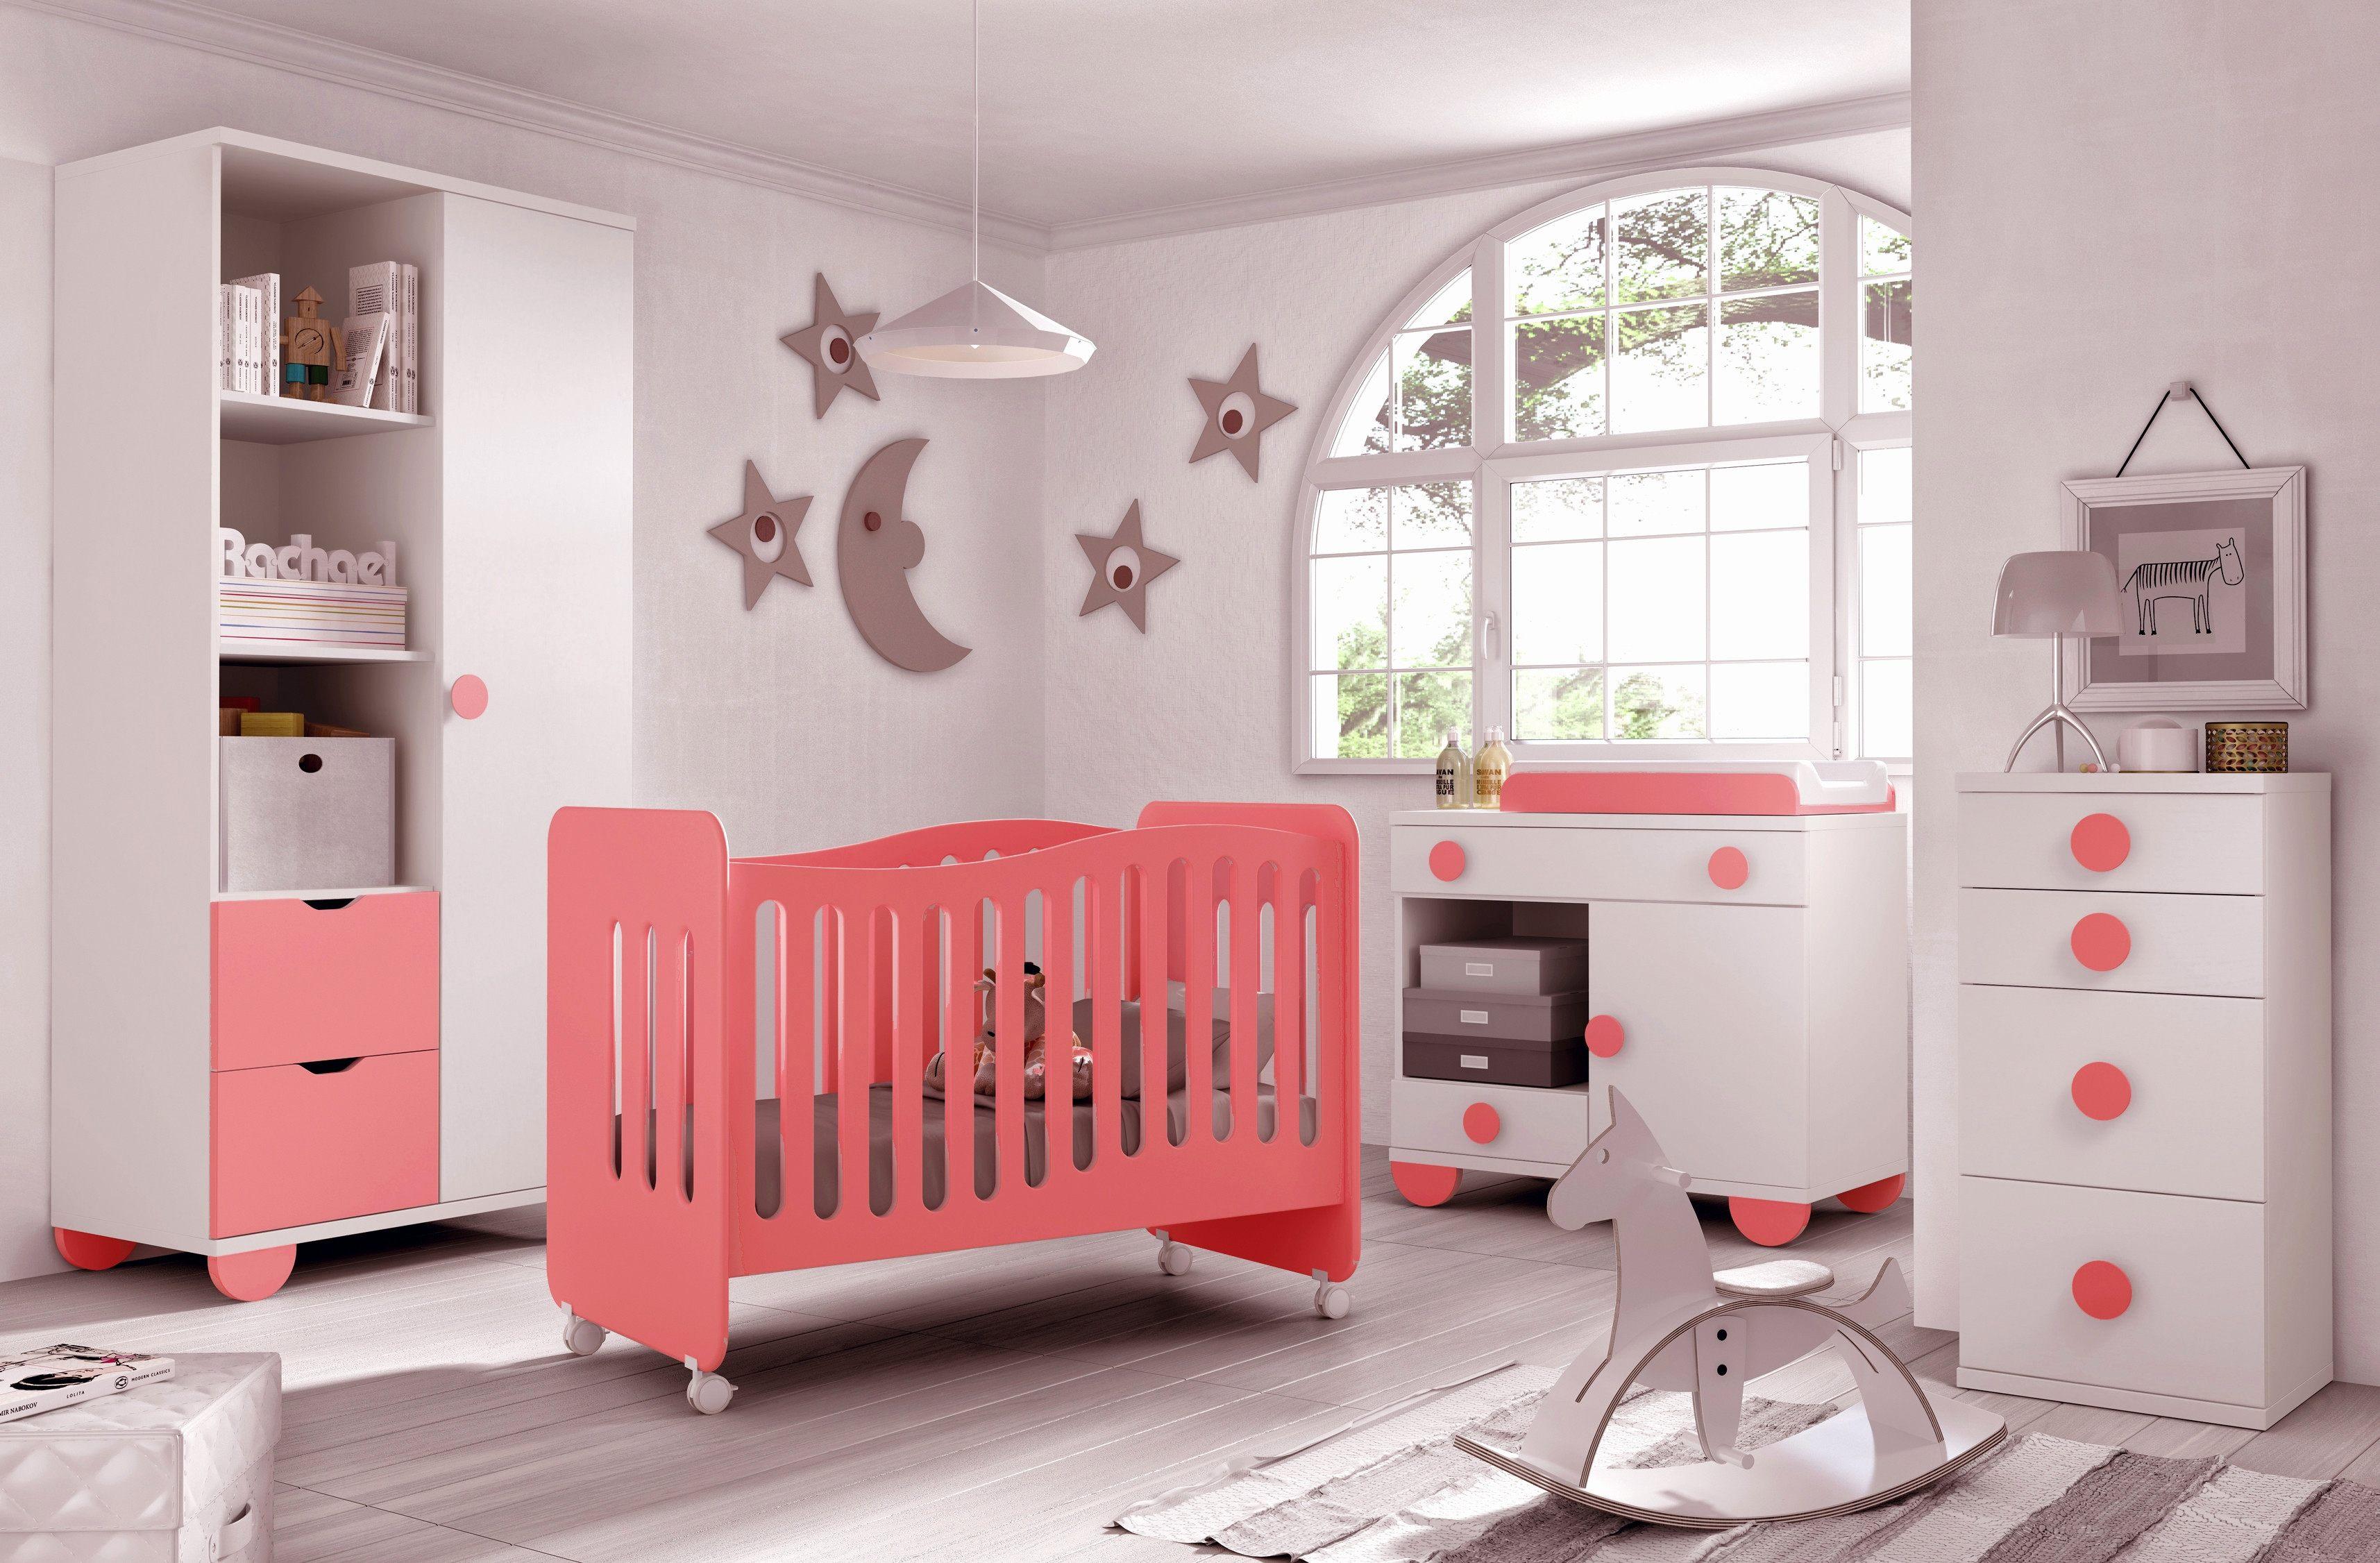 Meilleur Lit Bébé De Luxe Meuble Chambre Bébé Tapis Chambre Bébé Best Parc B C3 A9b C3 A9 Gris